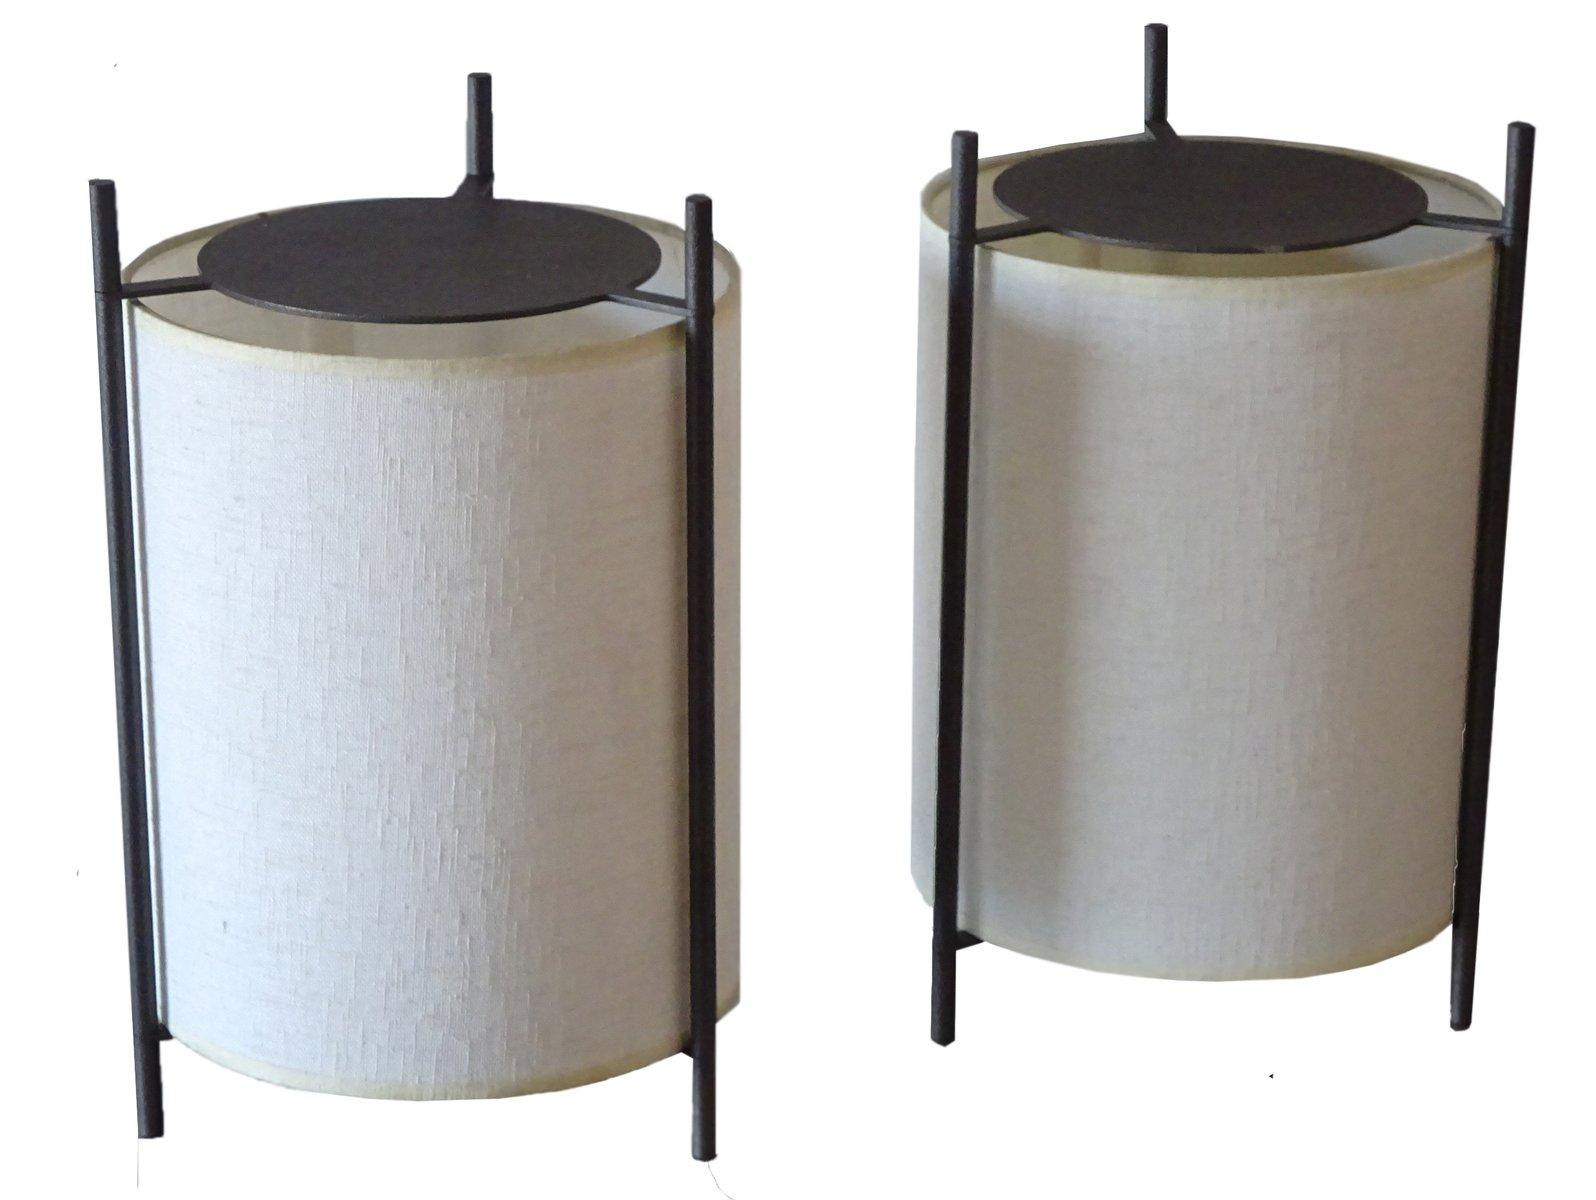 Französische Lampen mit Dreifuß, 1970er, 2er Set